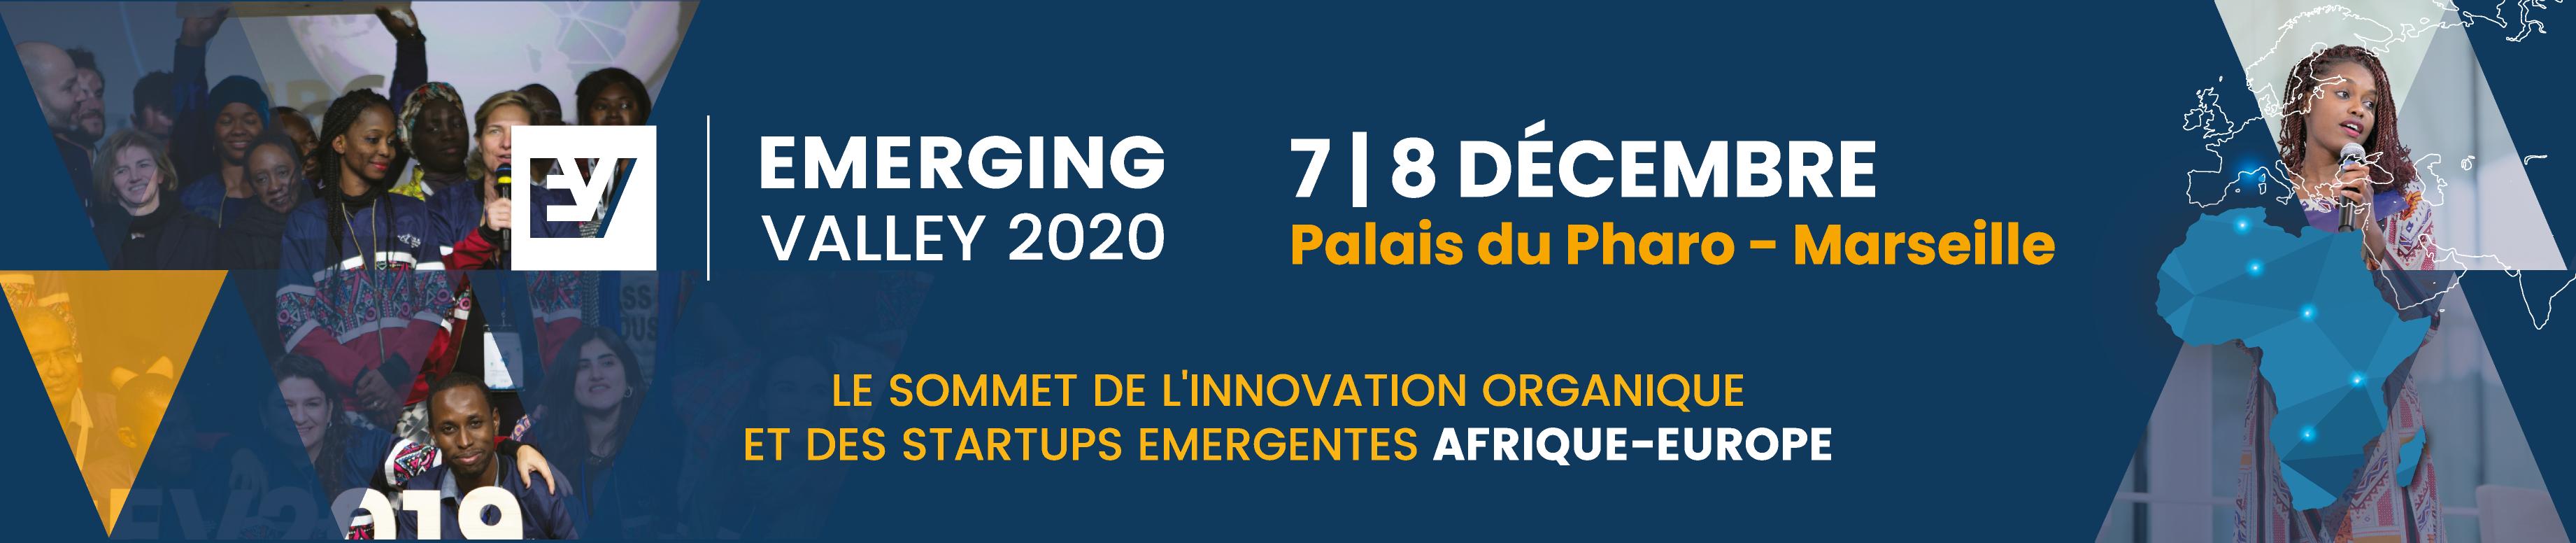 Découvrez les premiers speakers d'Emerging Valley 2020 !